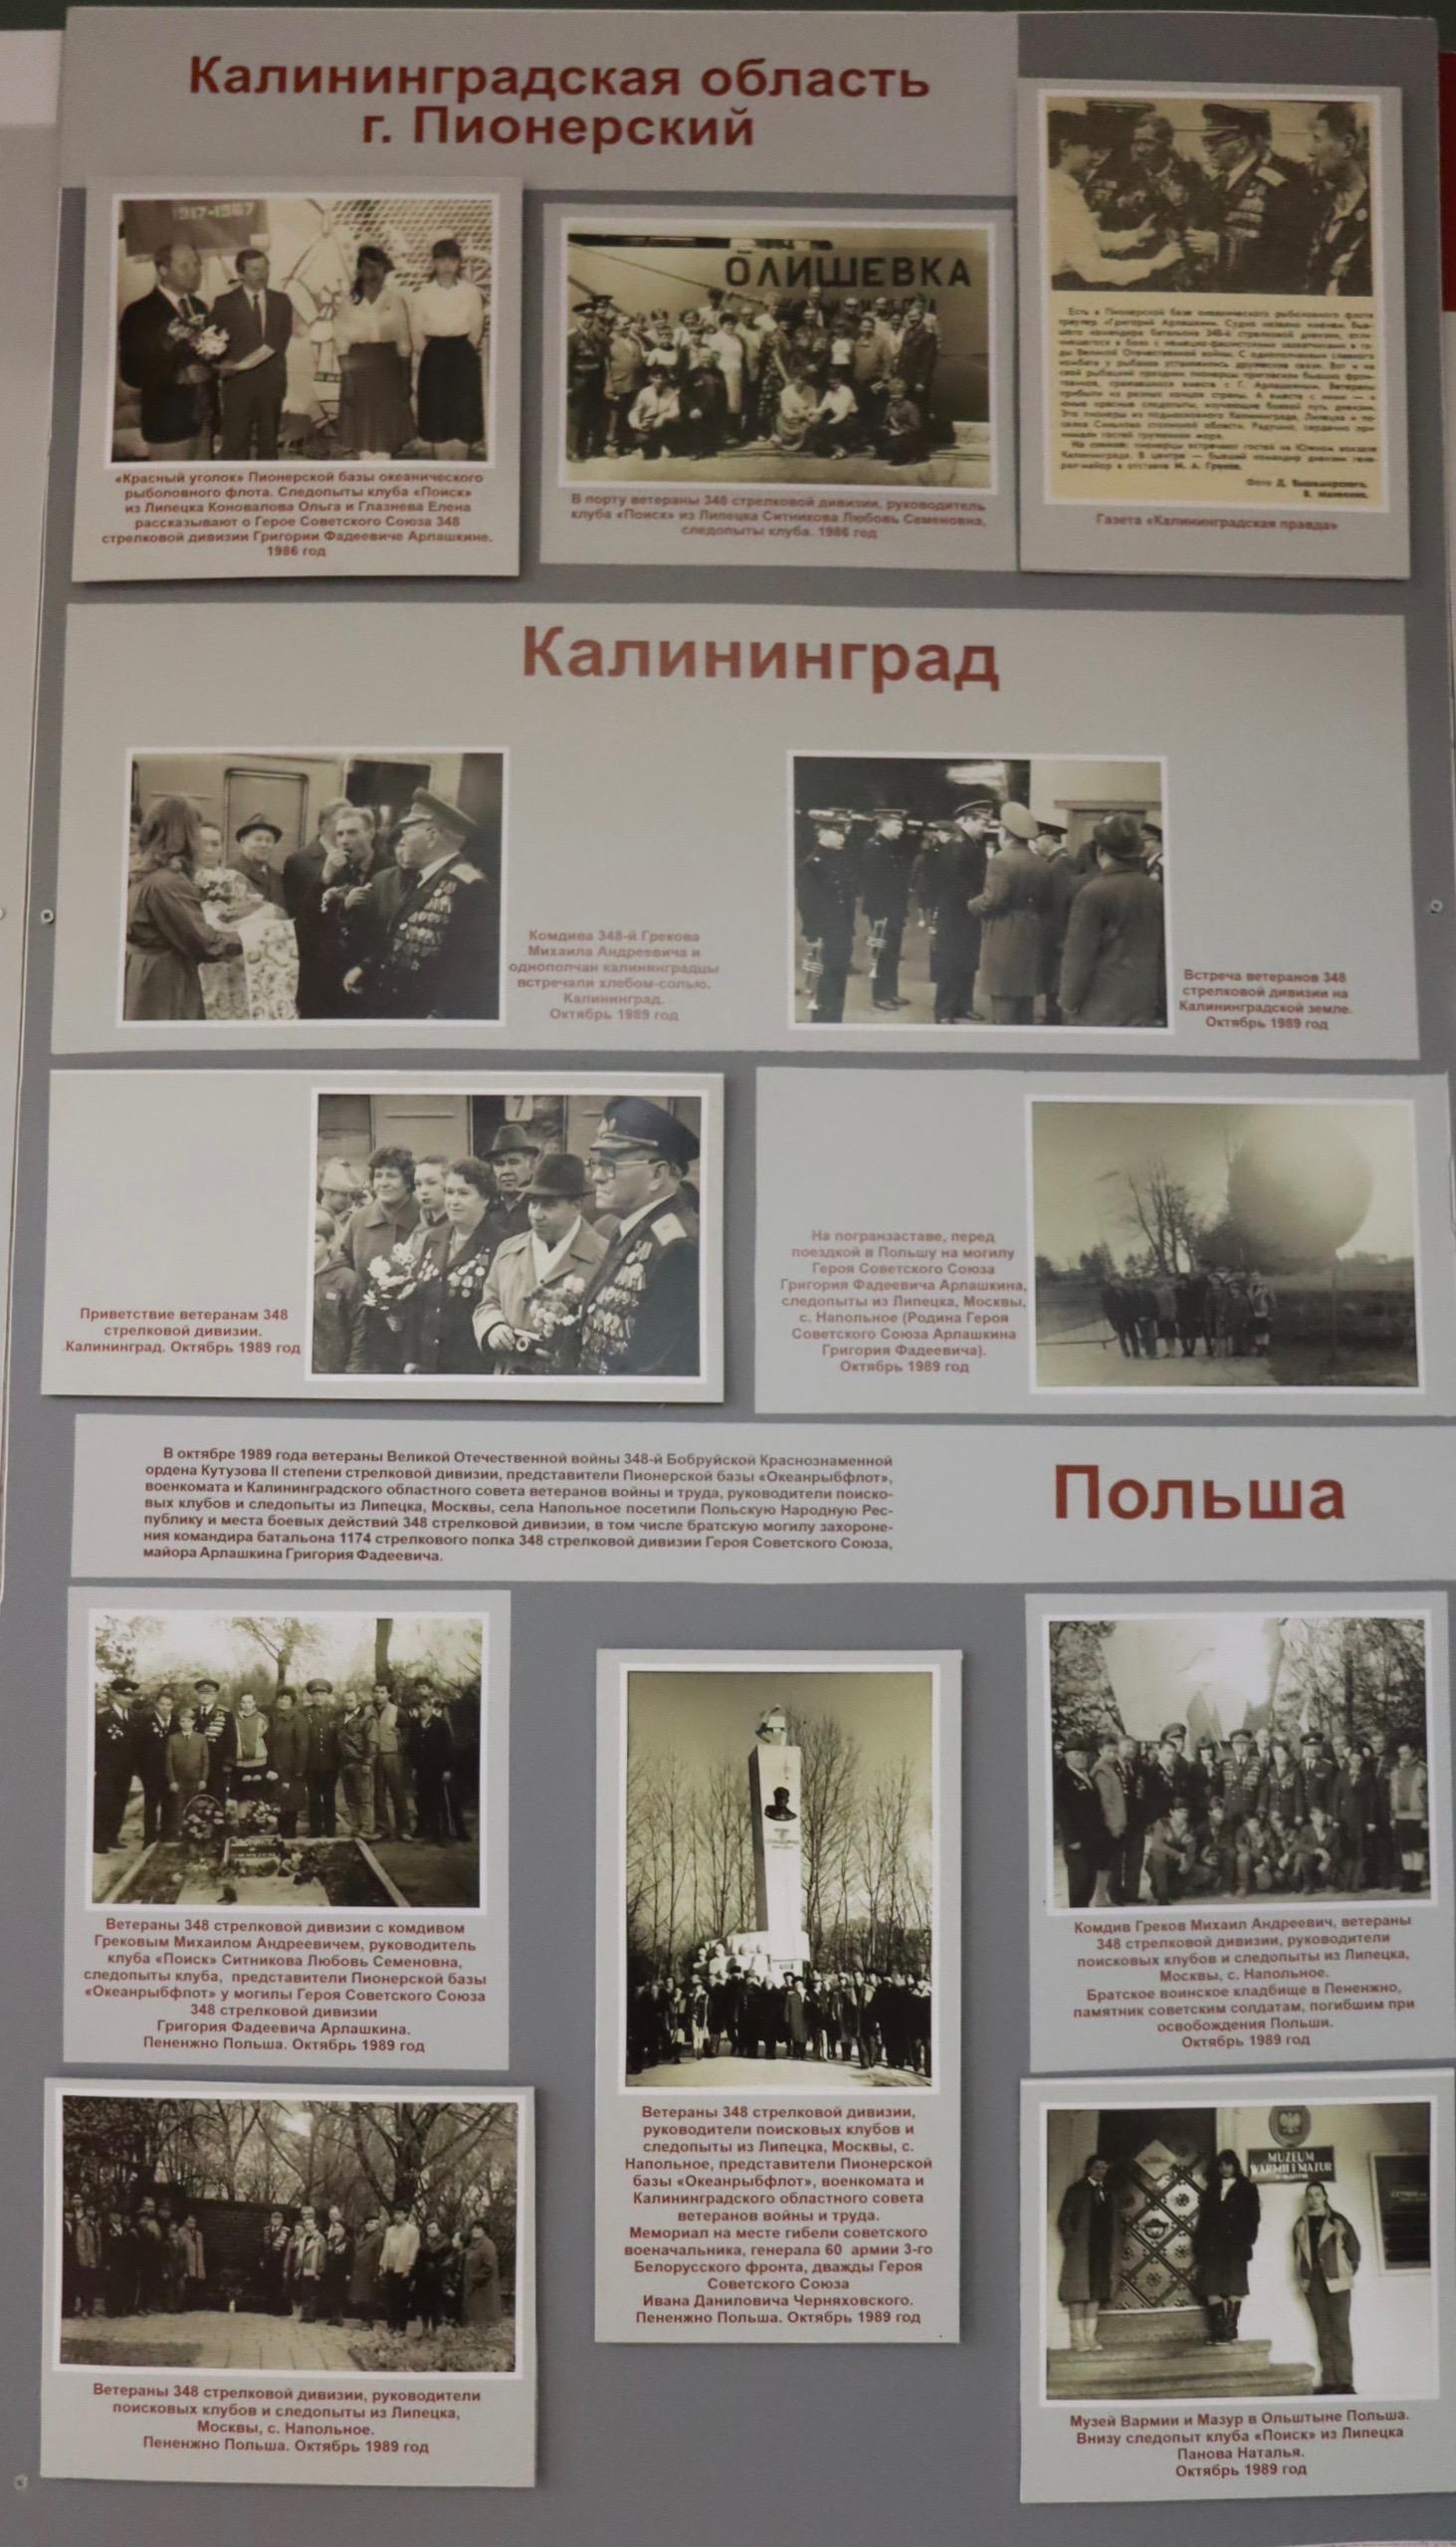 5_Калининградская область г.Пионерский_Калининград_Польша